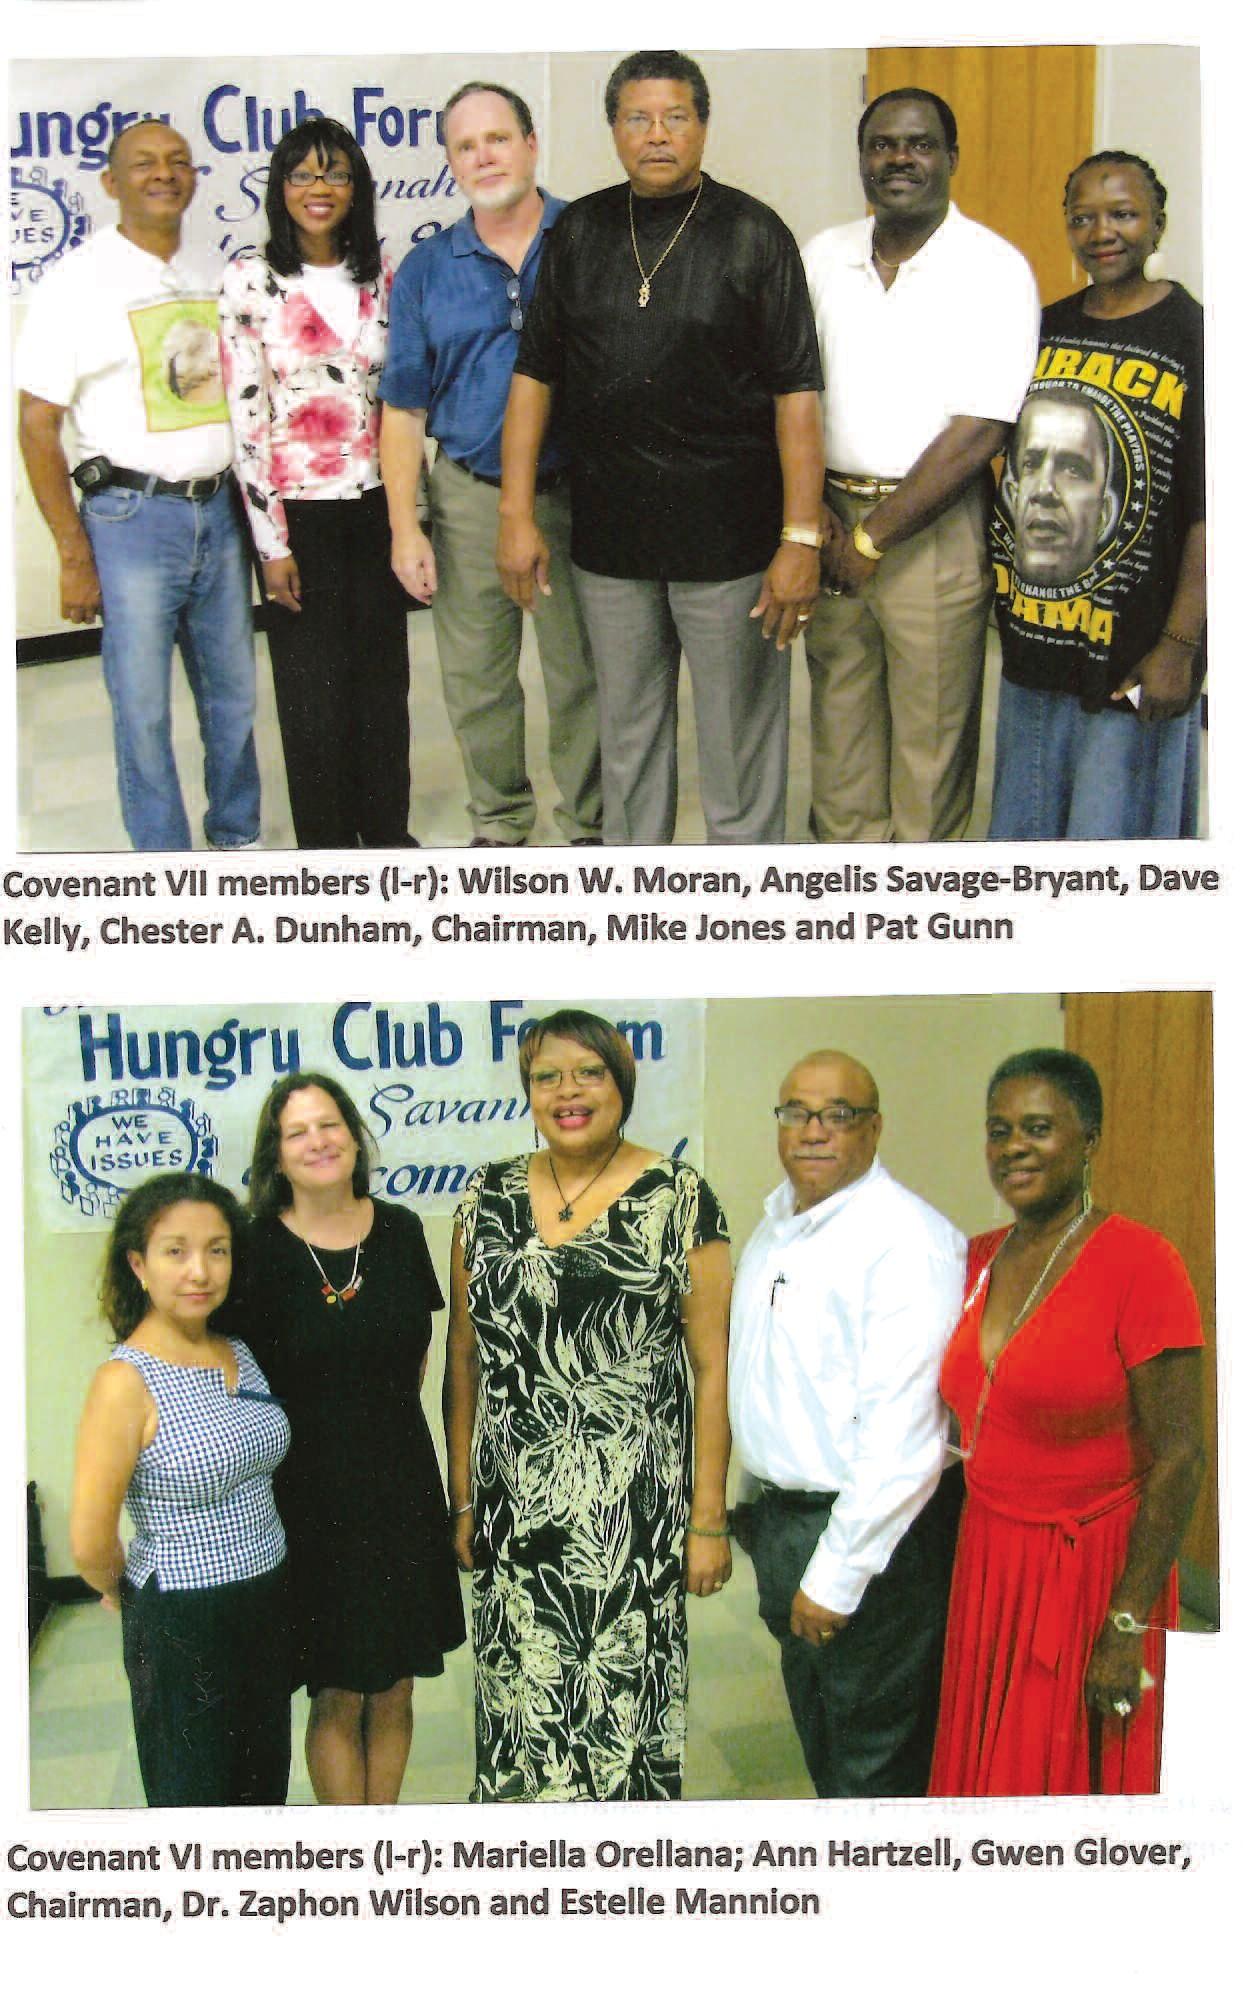 Covenant VI members(l-r): Mariella Orellana, Ann Hartzell,Gwen Glover, Chariman, Dr. Zaphon Wilson, and Estelle Mannion